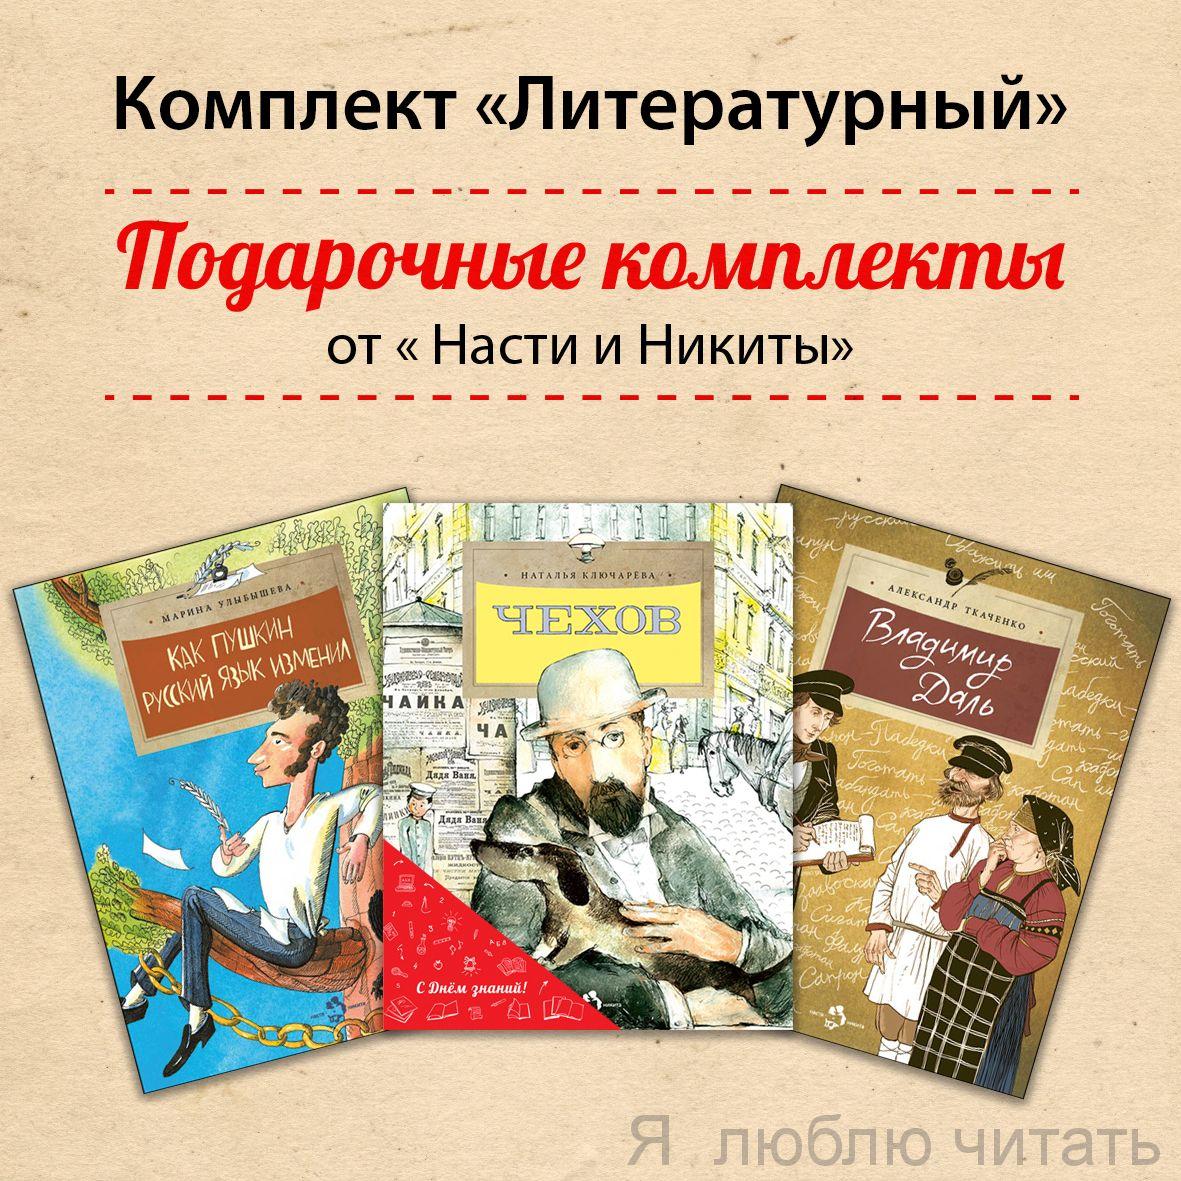 Книжный комплект «Литературный»